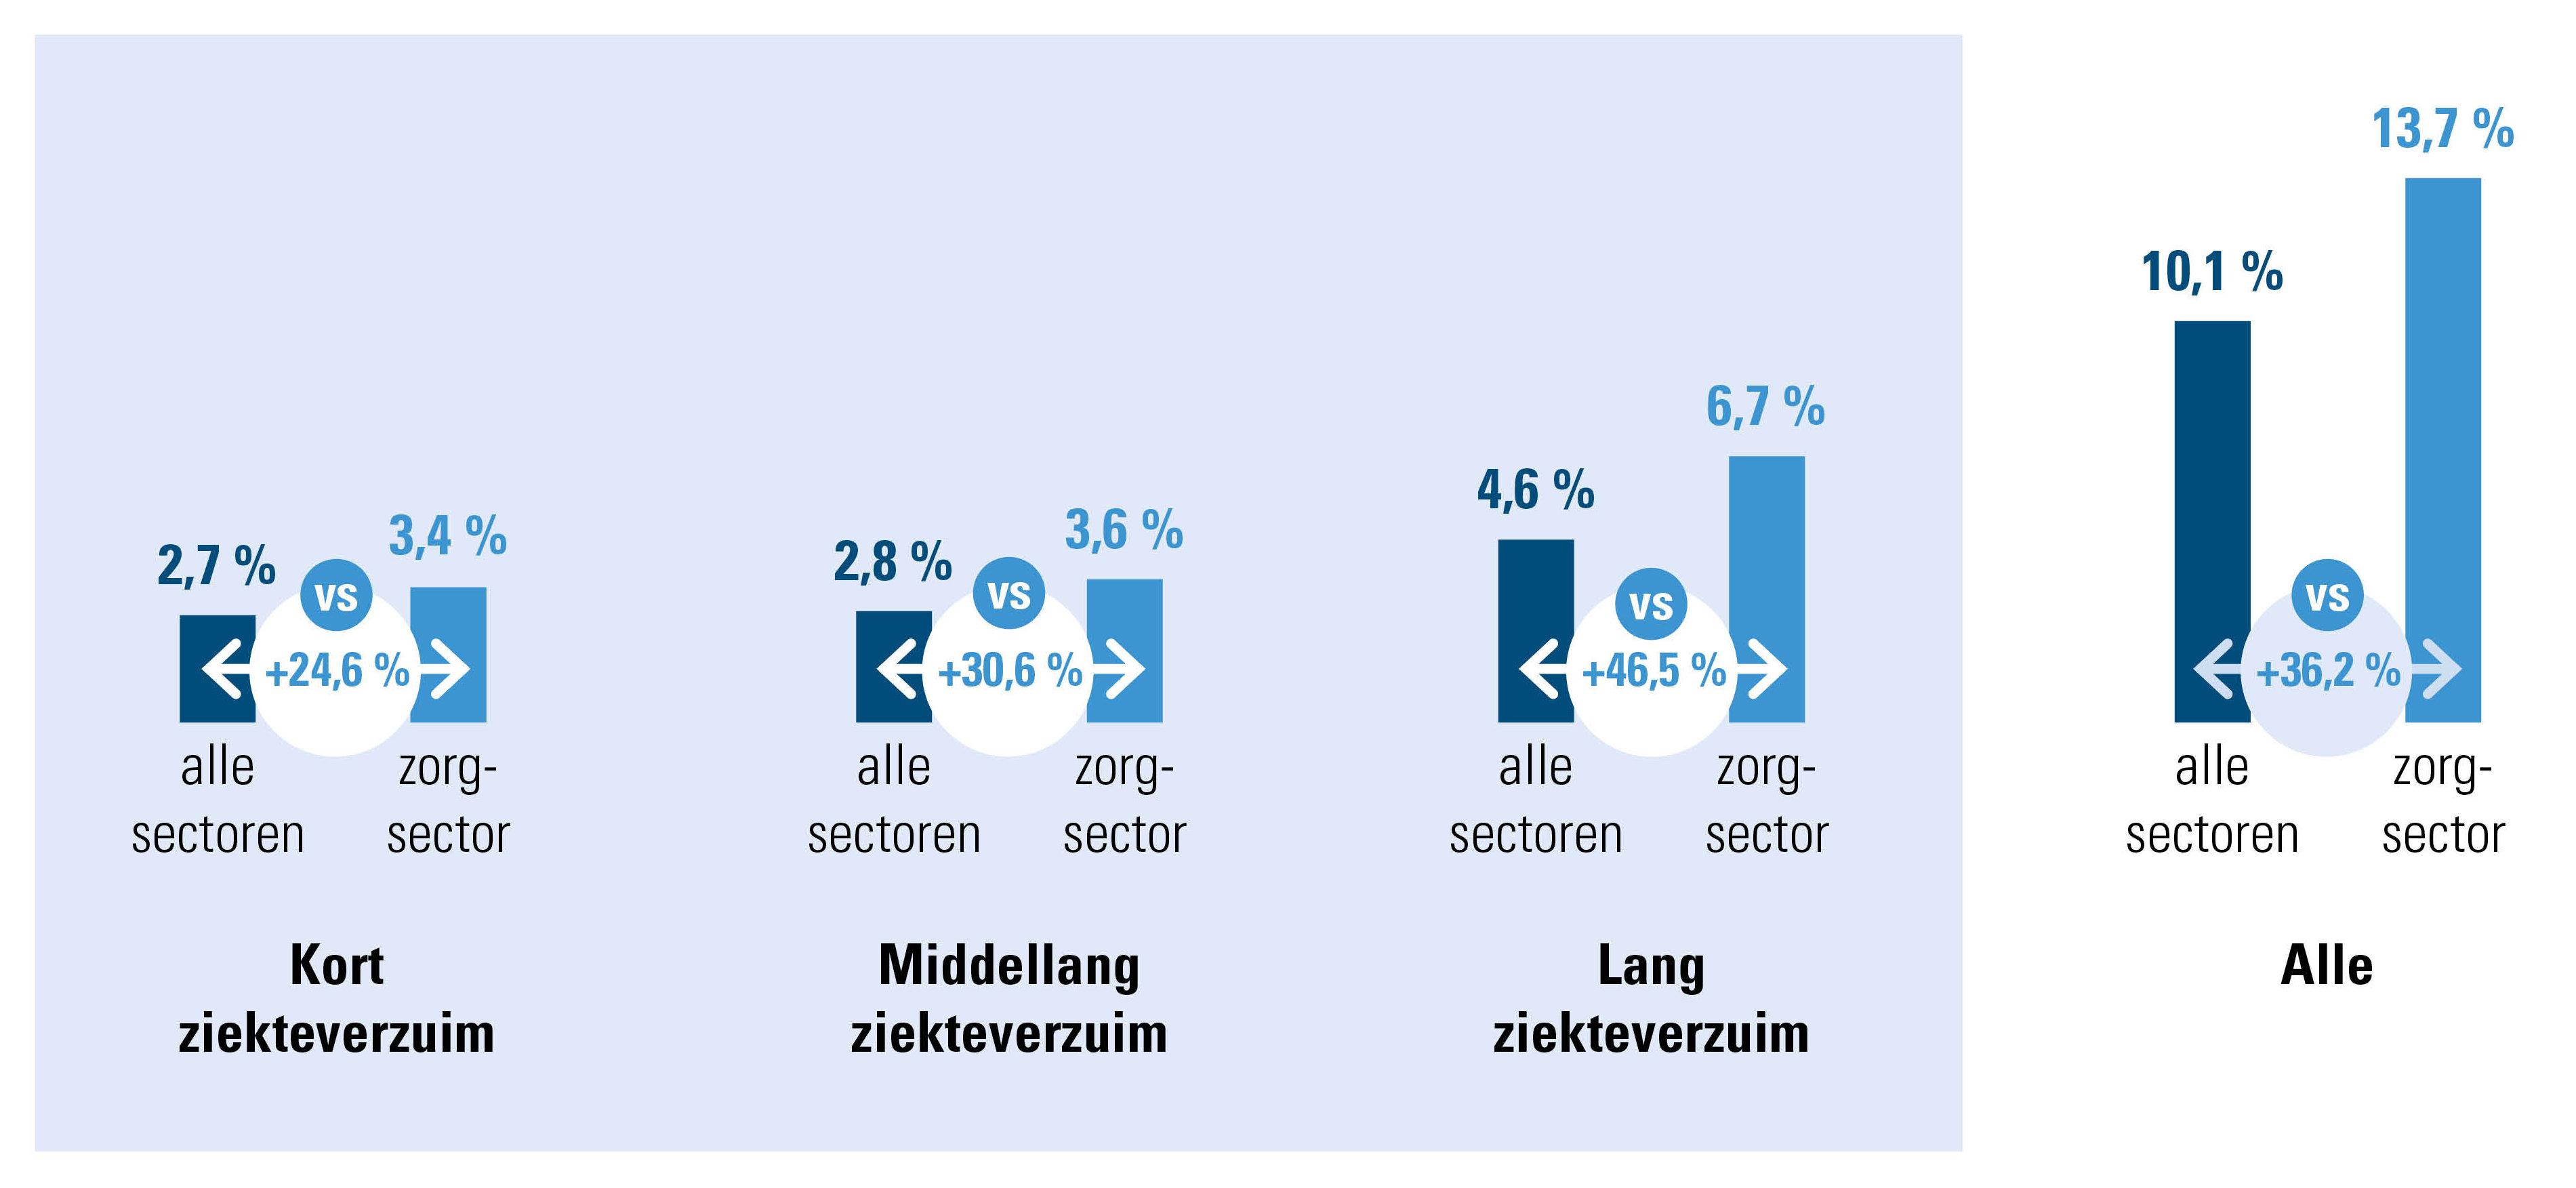 Ziekteverzuim 2020,  % van de werkbare uren - algemeen vs. enkel zorgsector